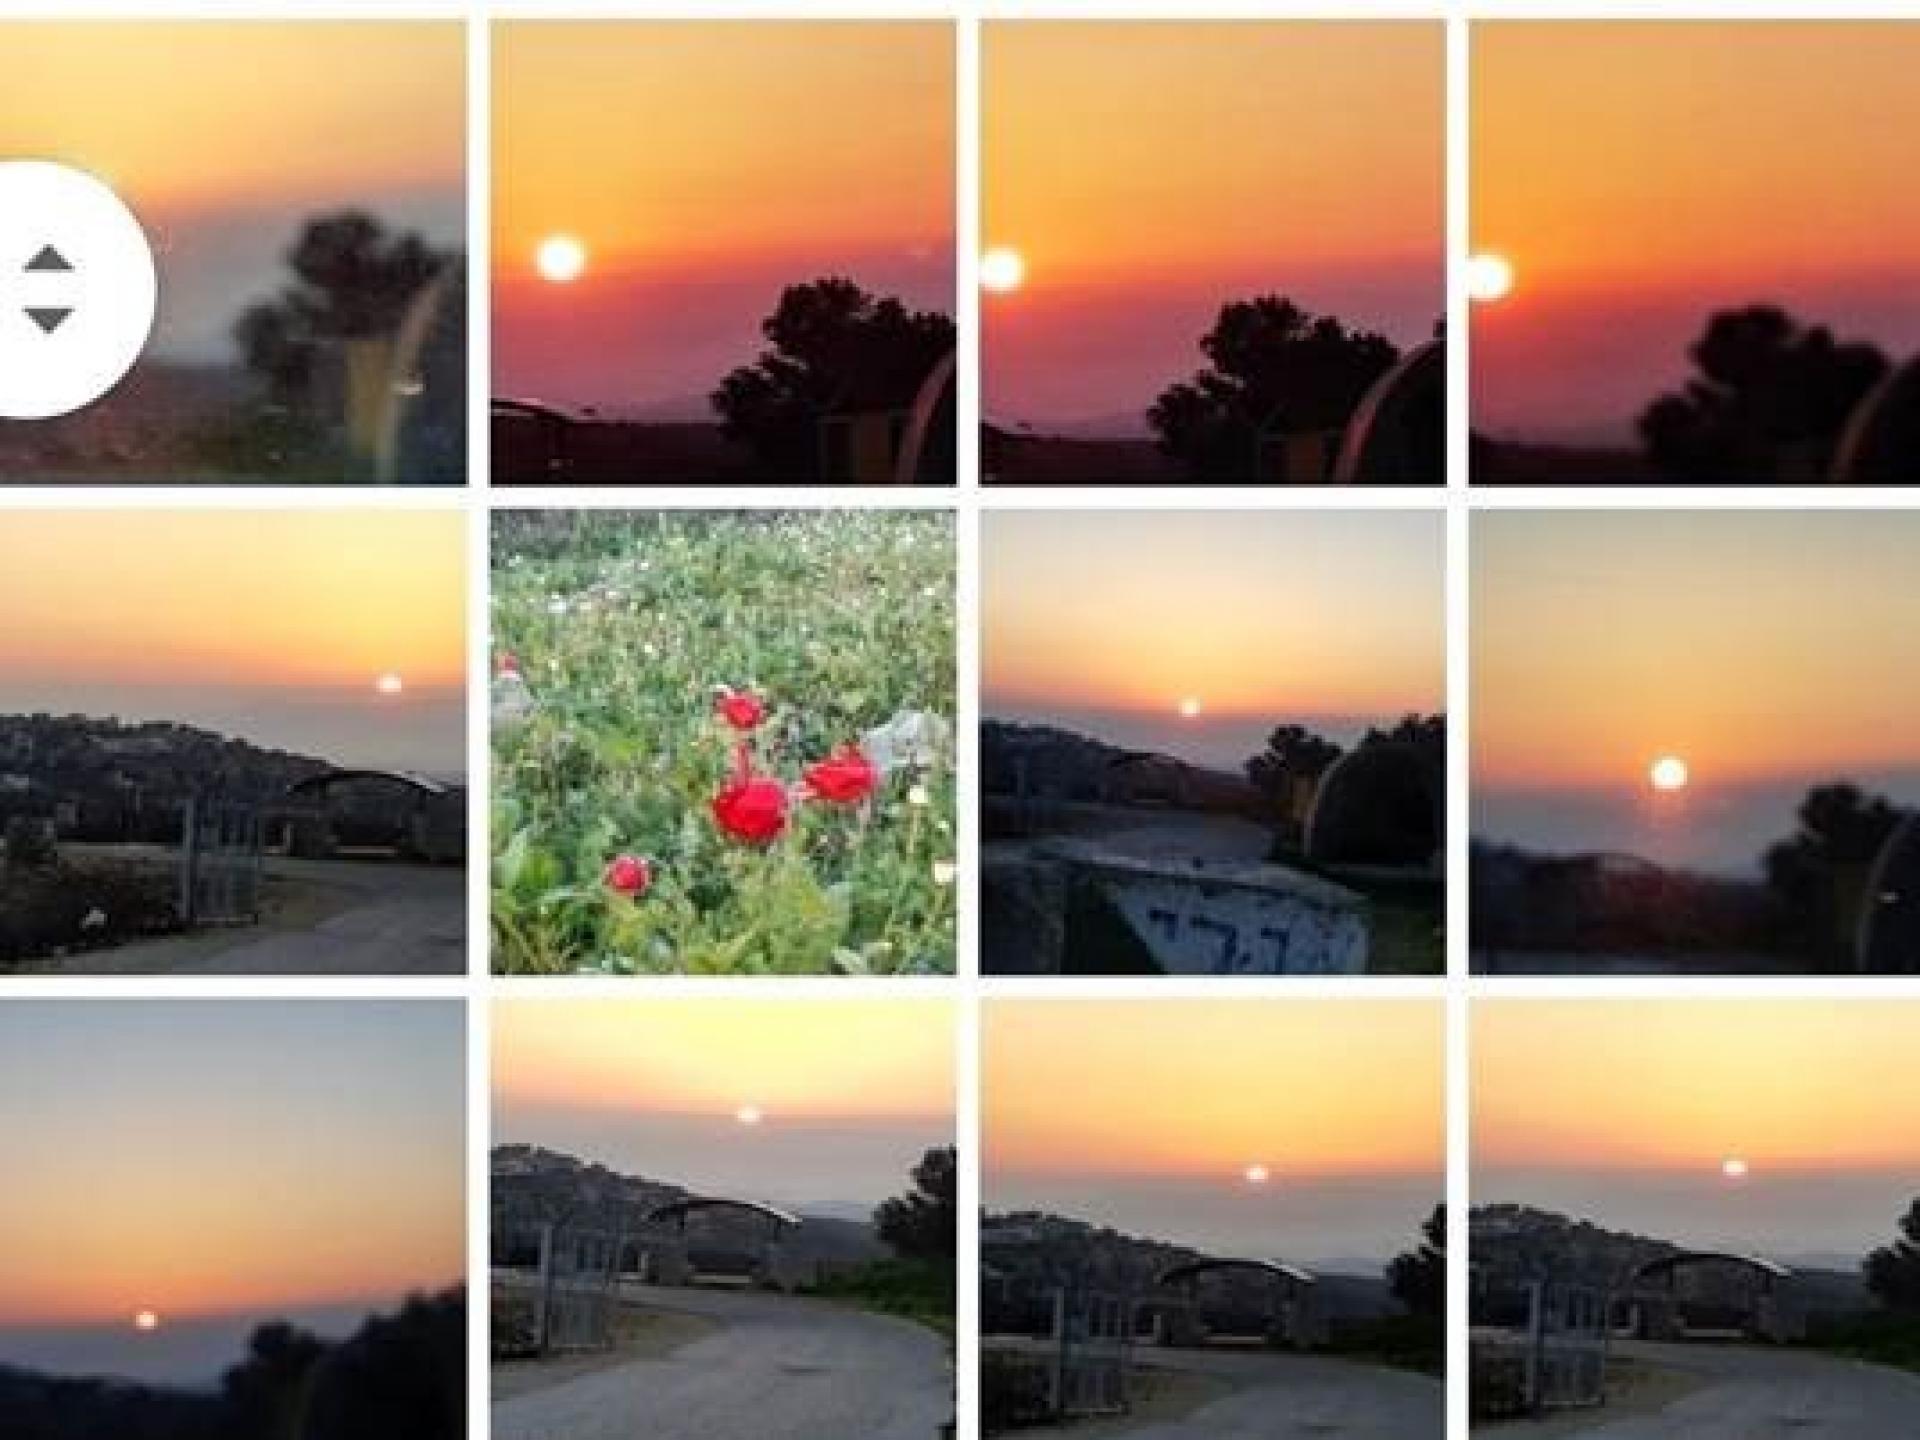 גבוה מעל הכיבוש השמש זורחת בכל תפארתה